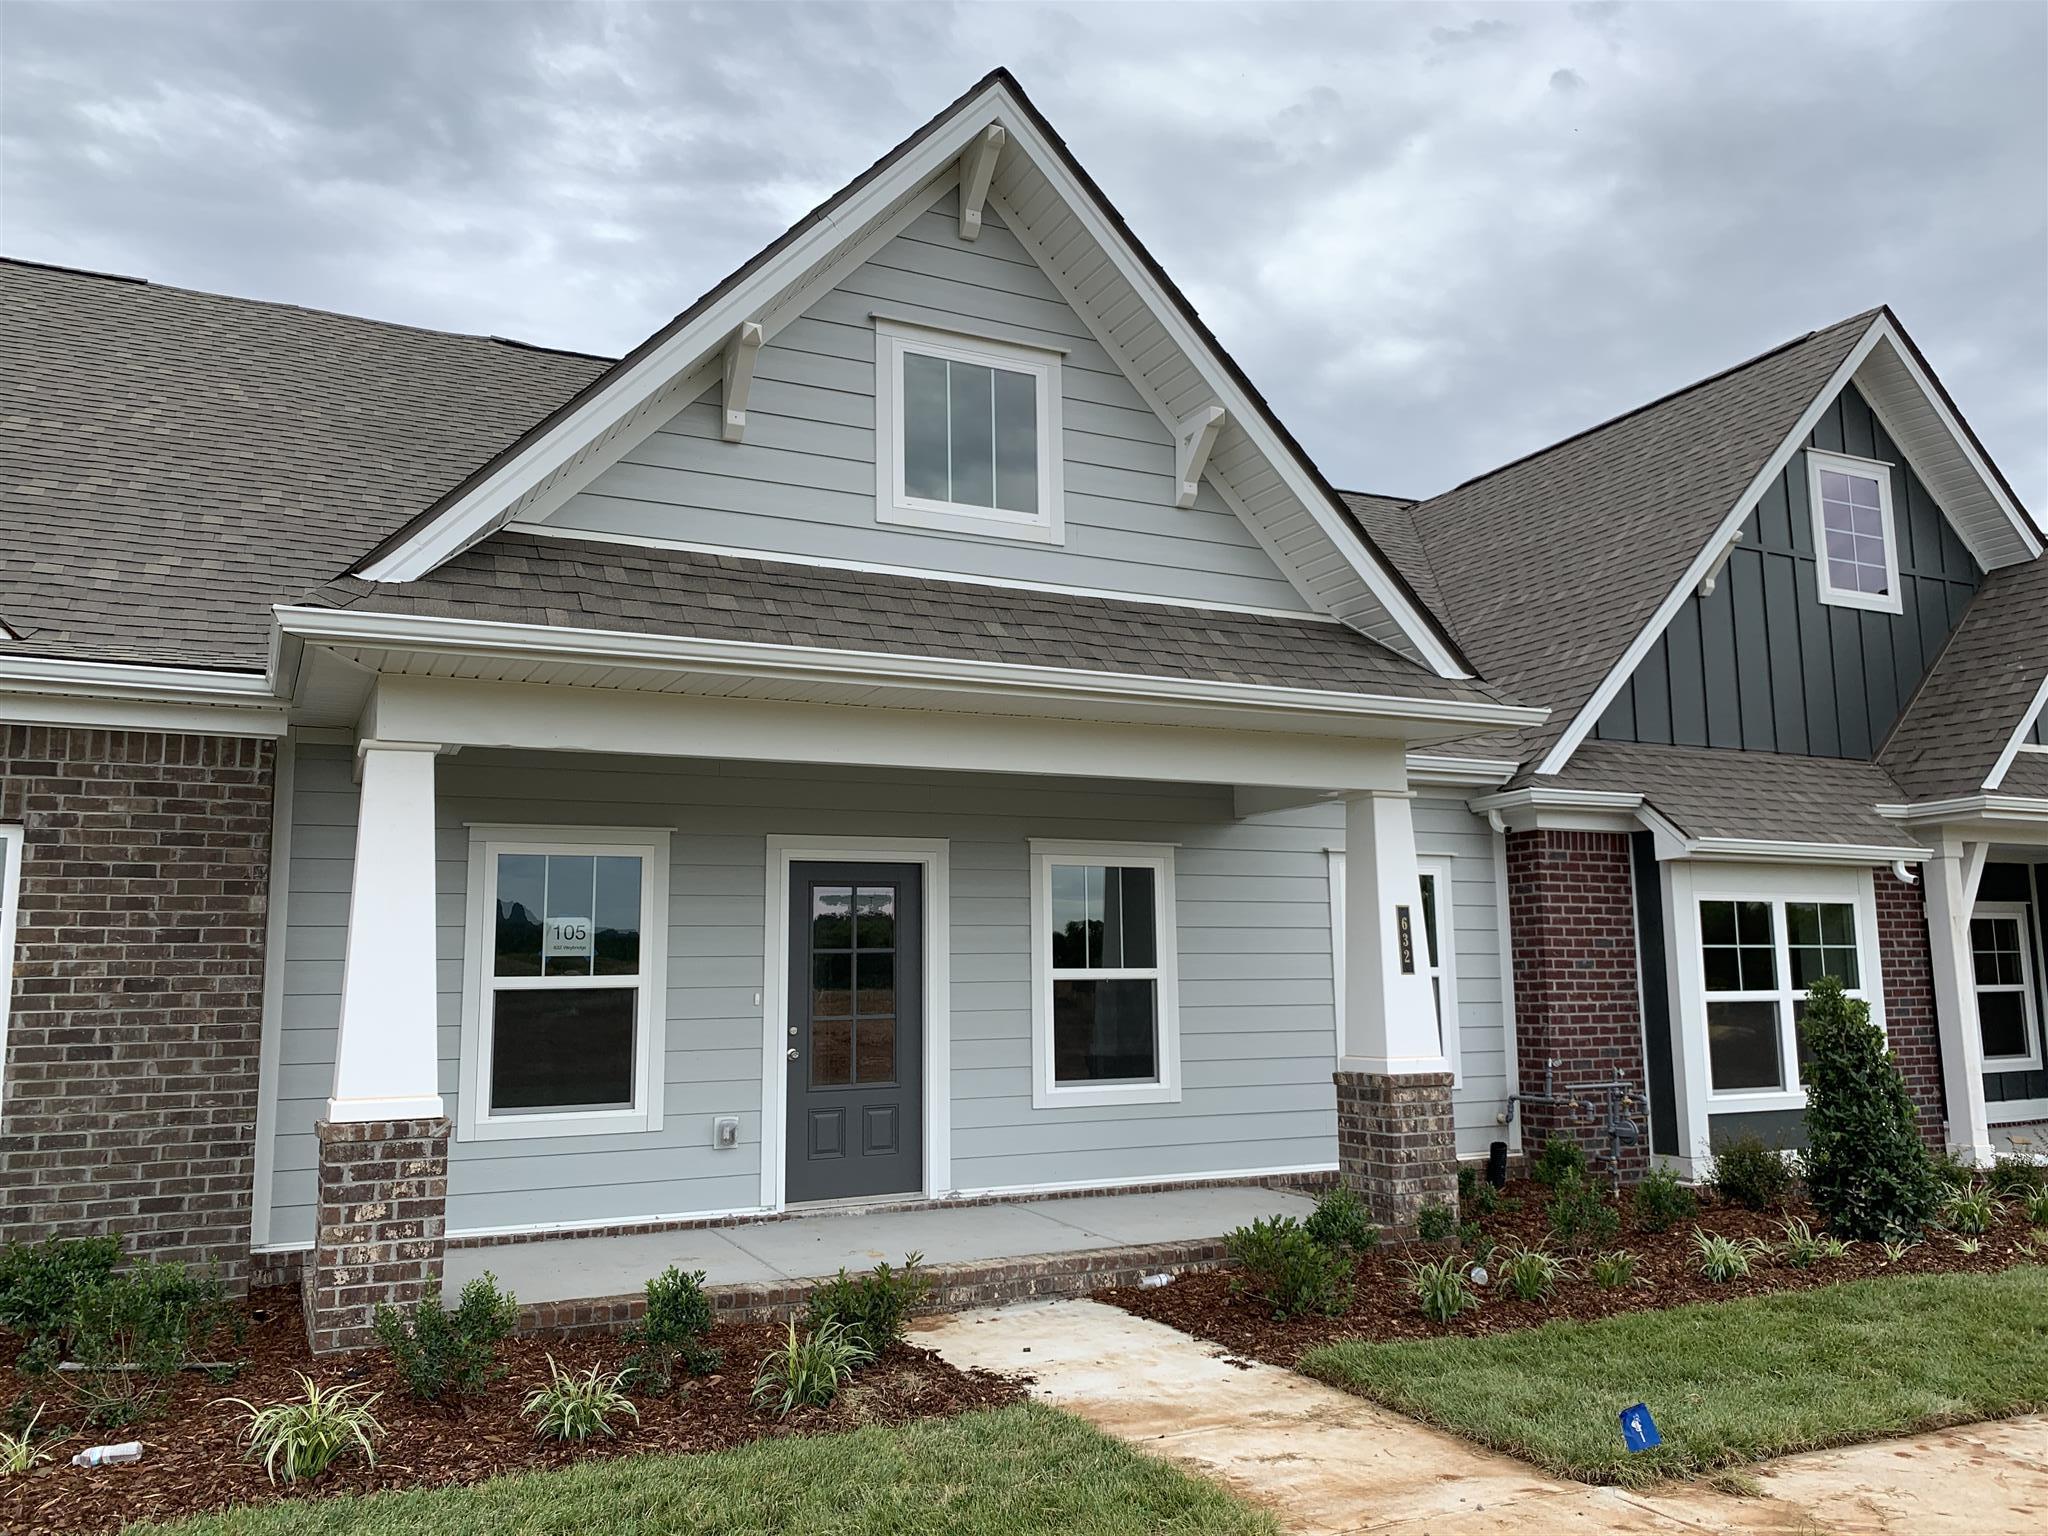 632 Weybridge Drive, Lot #105, Nolensville, Tennessee